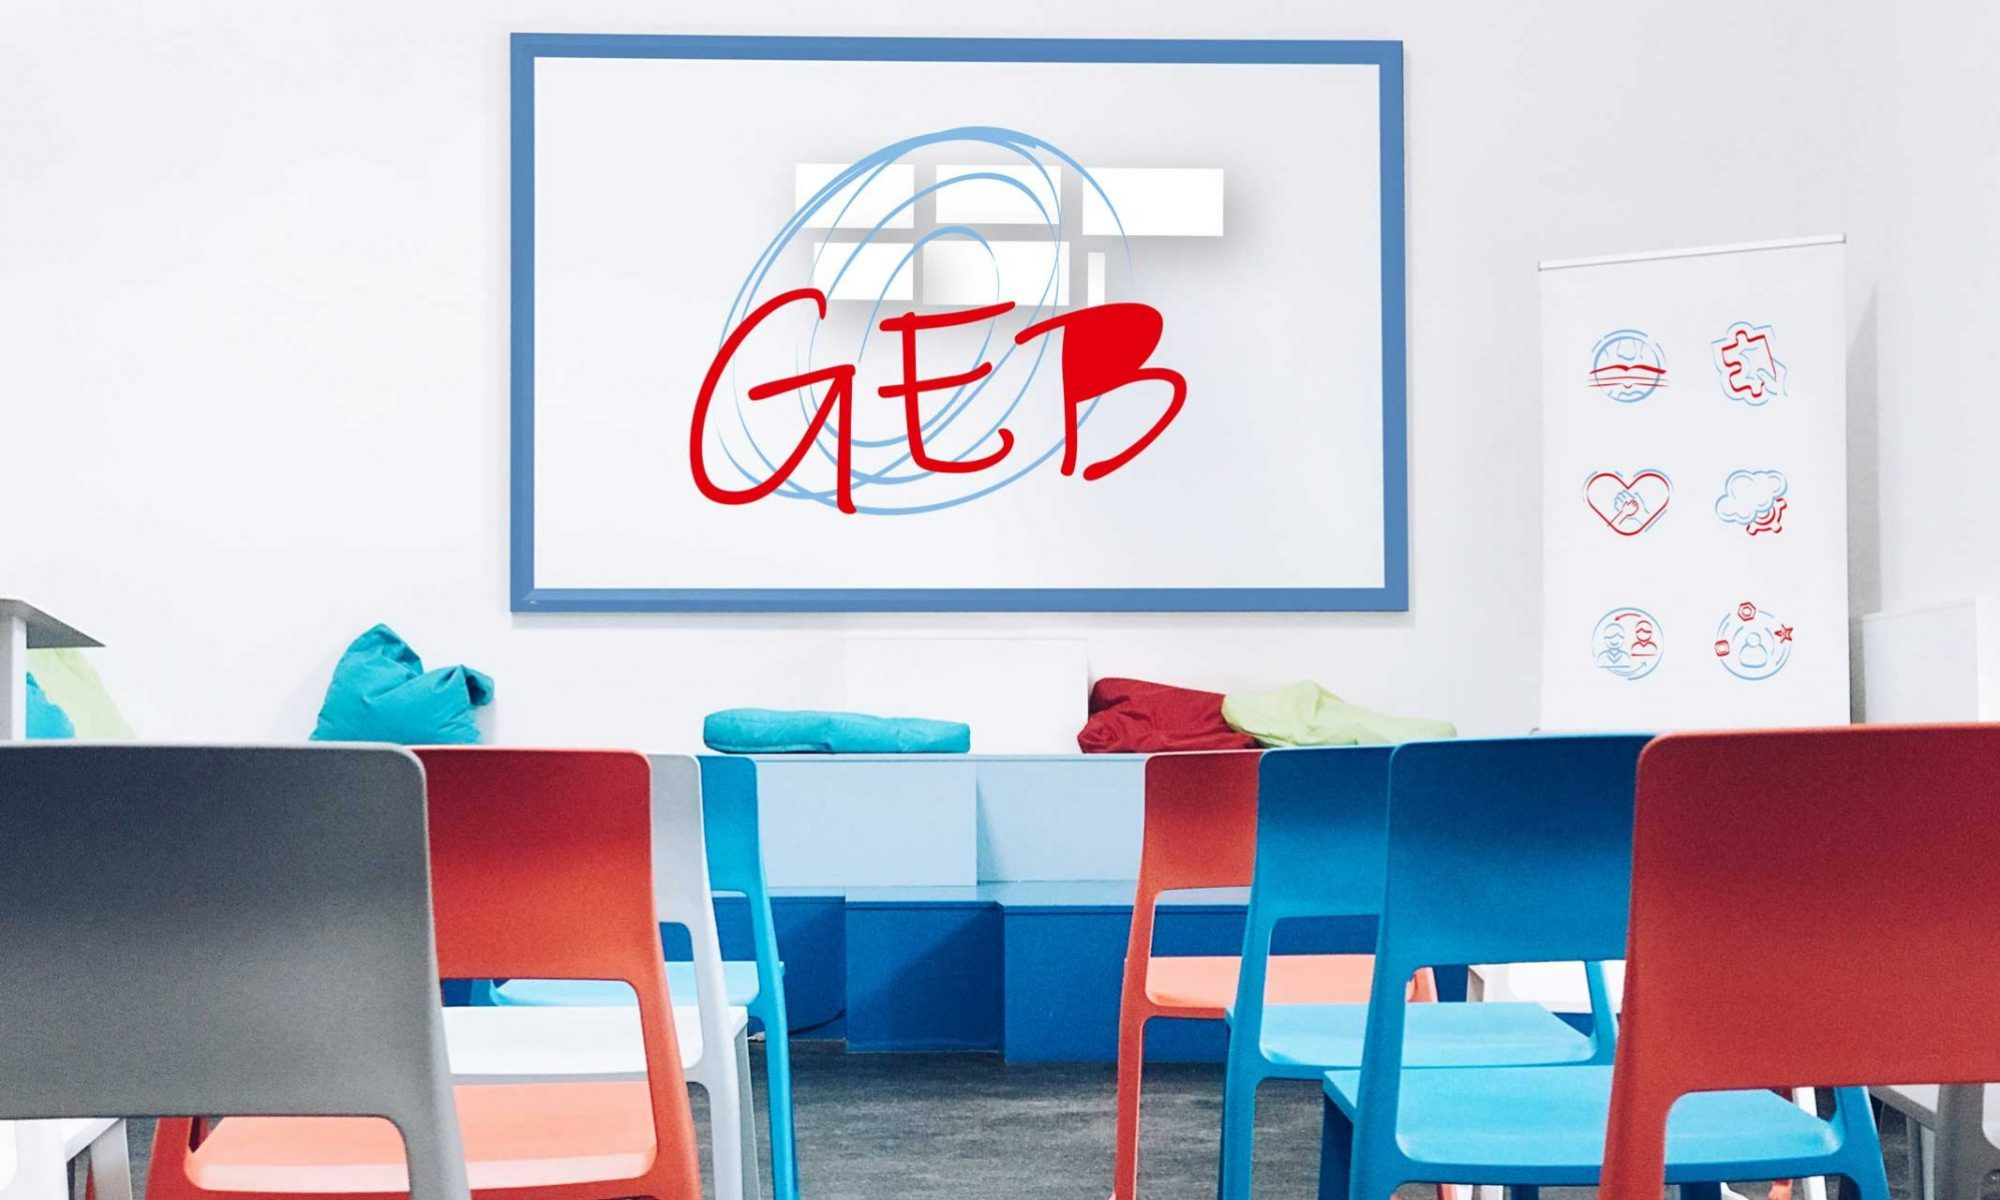 GEB • Gesellschaft für elementare Bildung